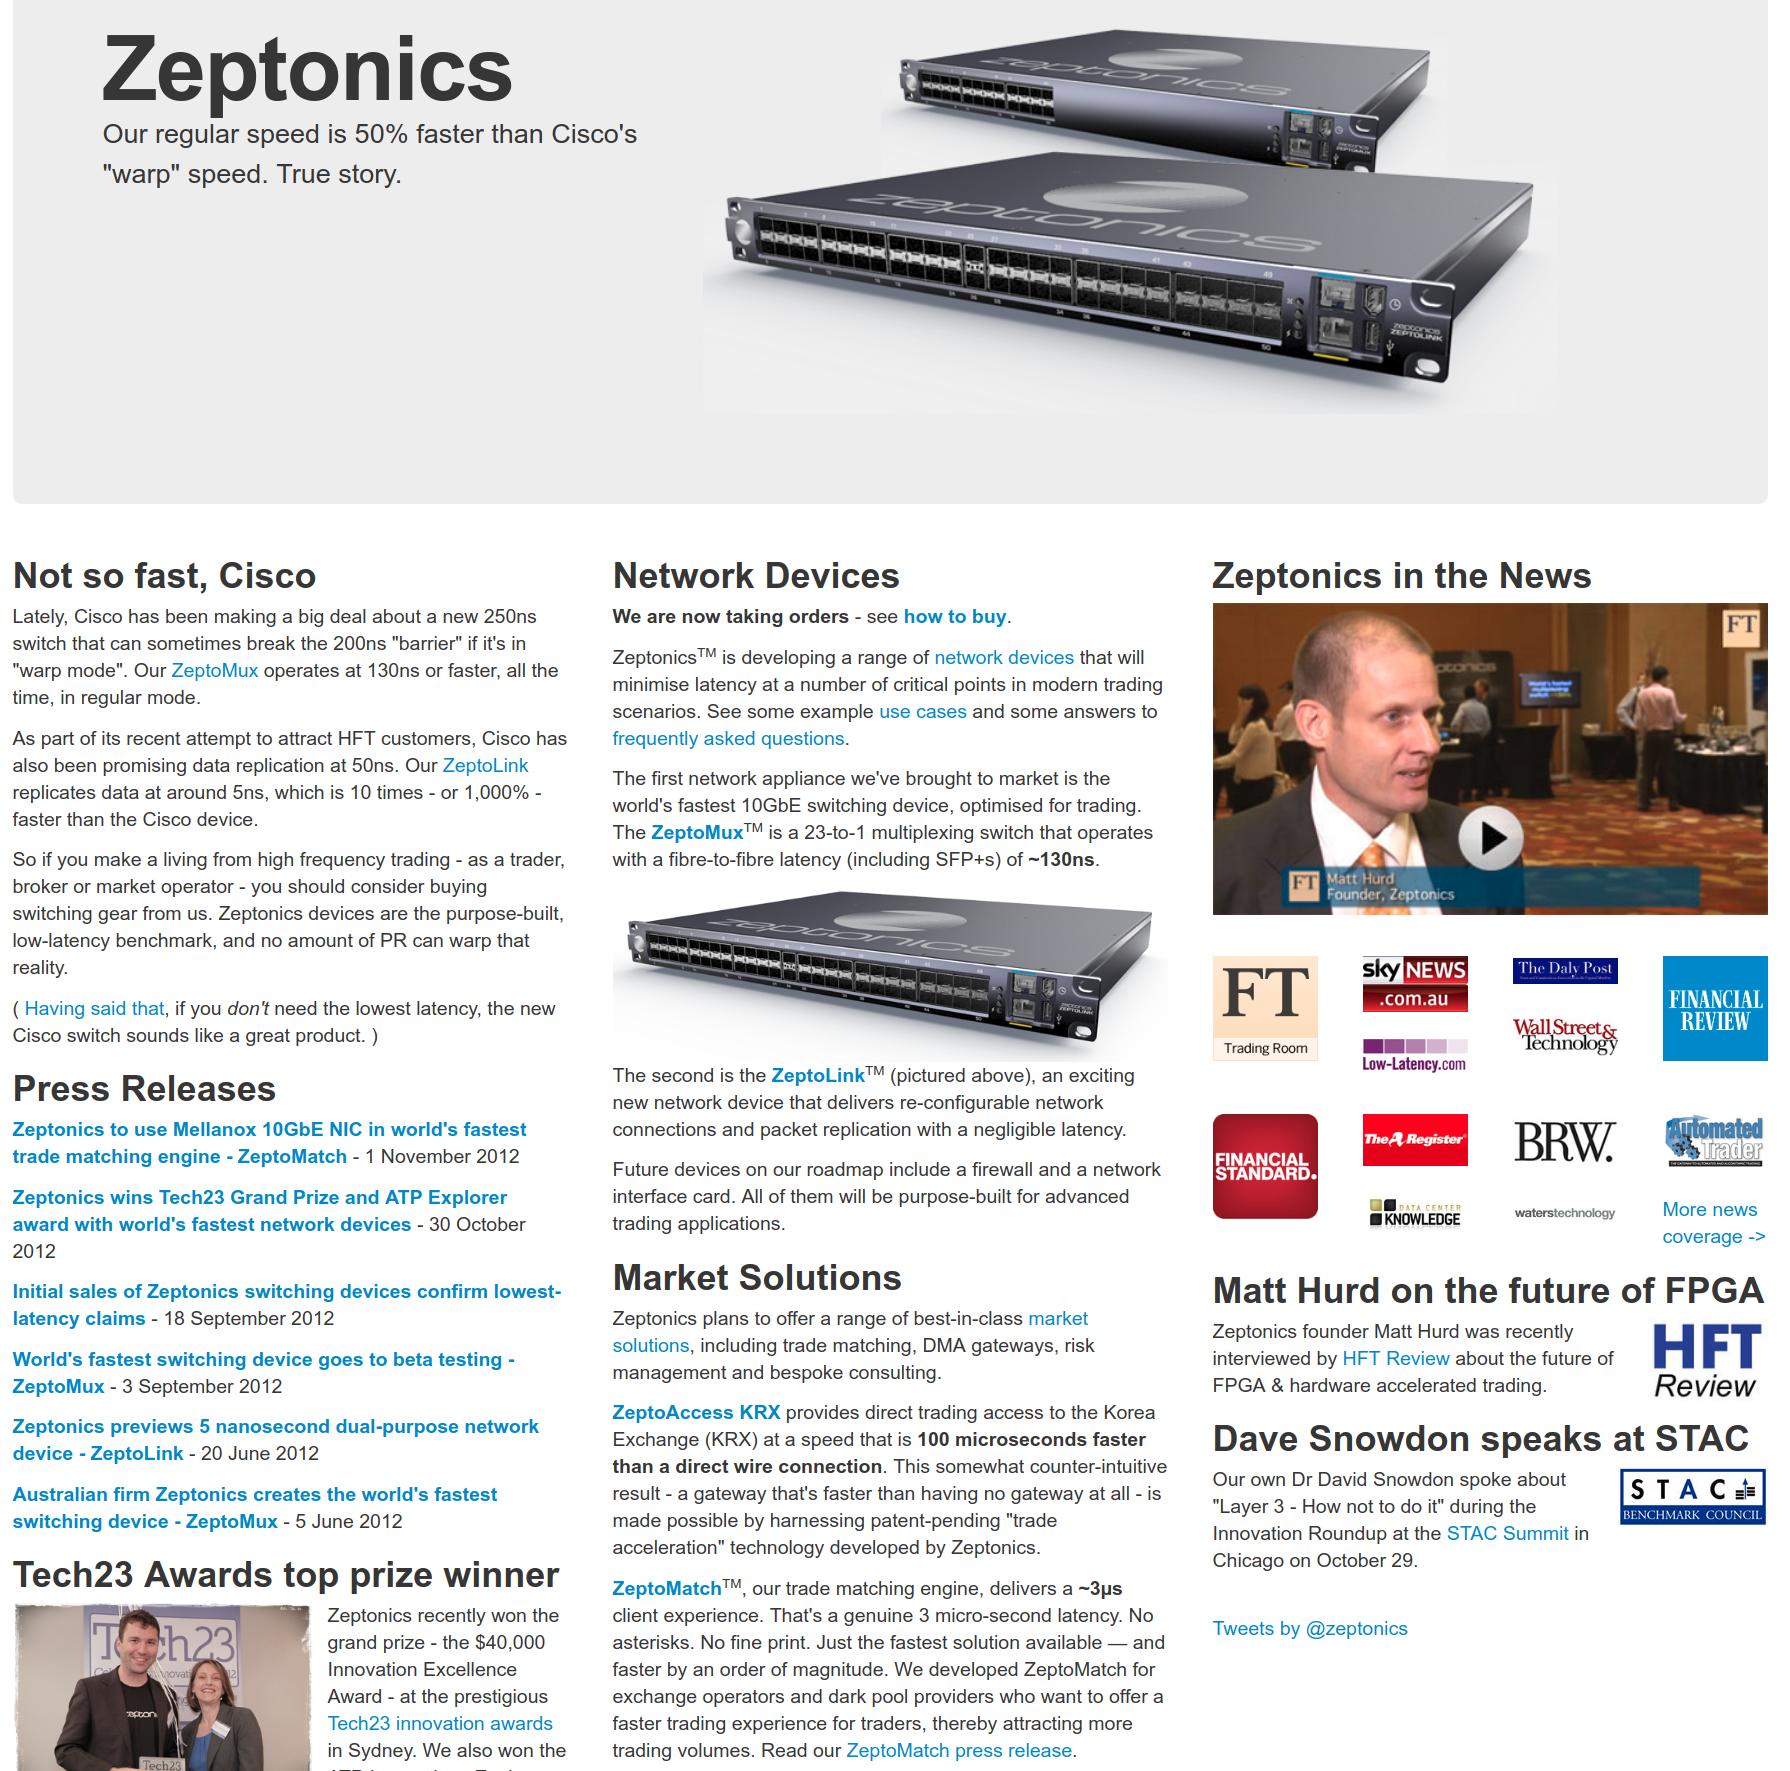 Zeptonics Wayback 2010